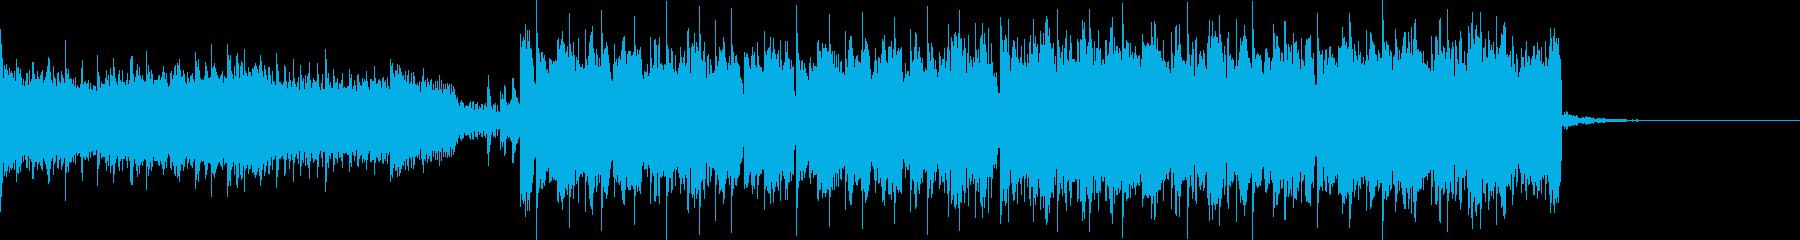 疾走感のあるシンセ主体のEDMの再生済みの波形